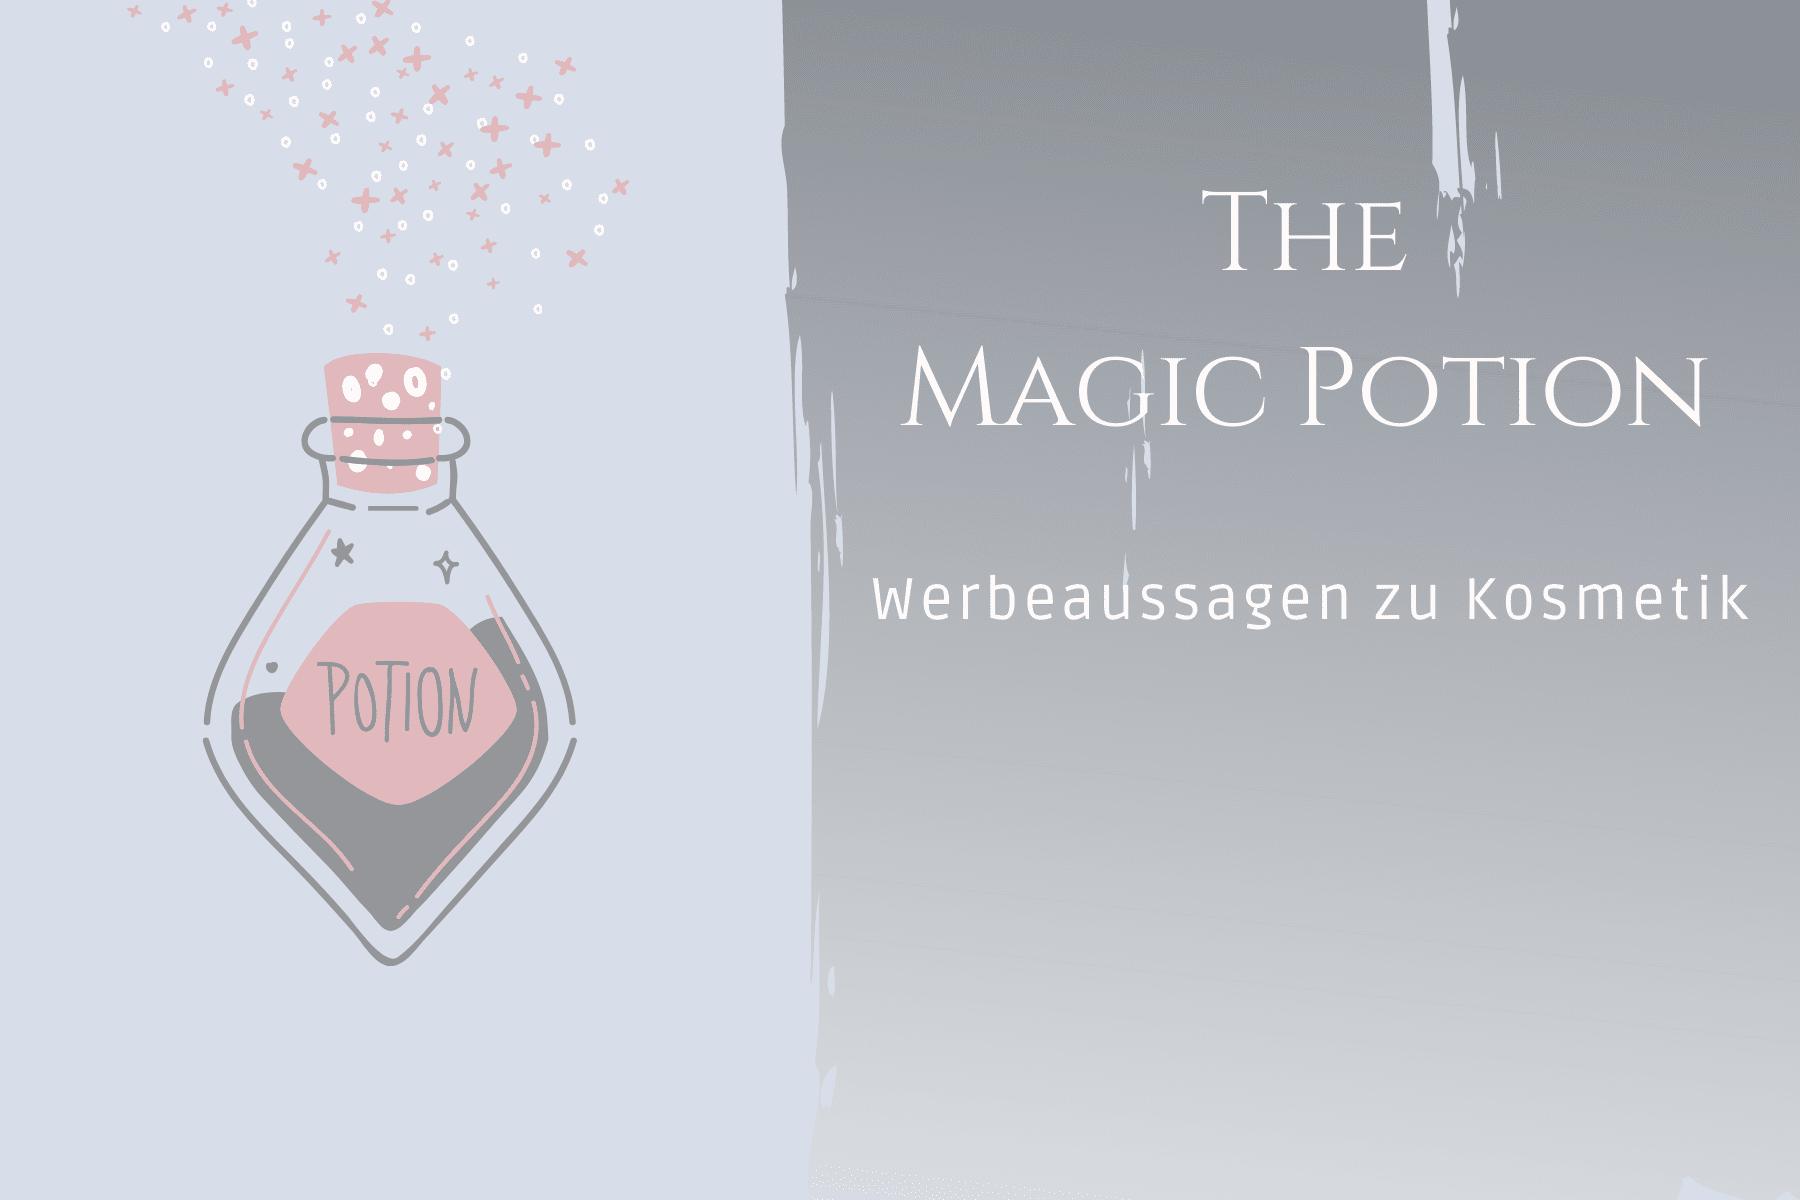 magic potion Werbeaussagen zu kosmetischen Mitteln